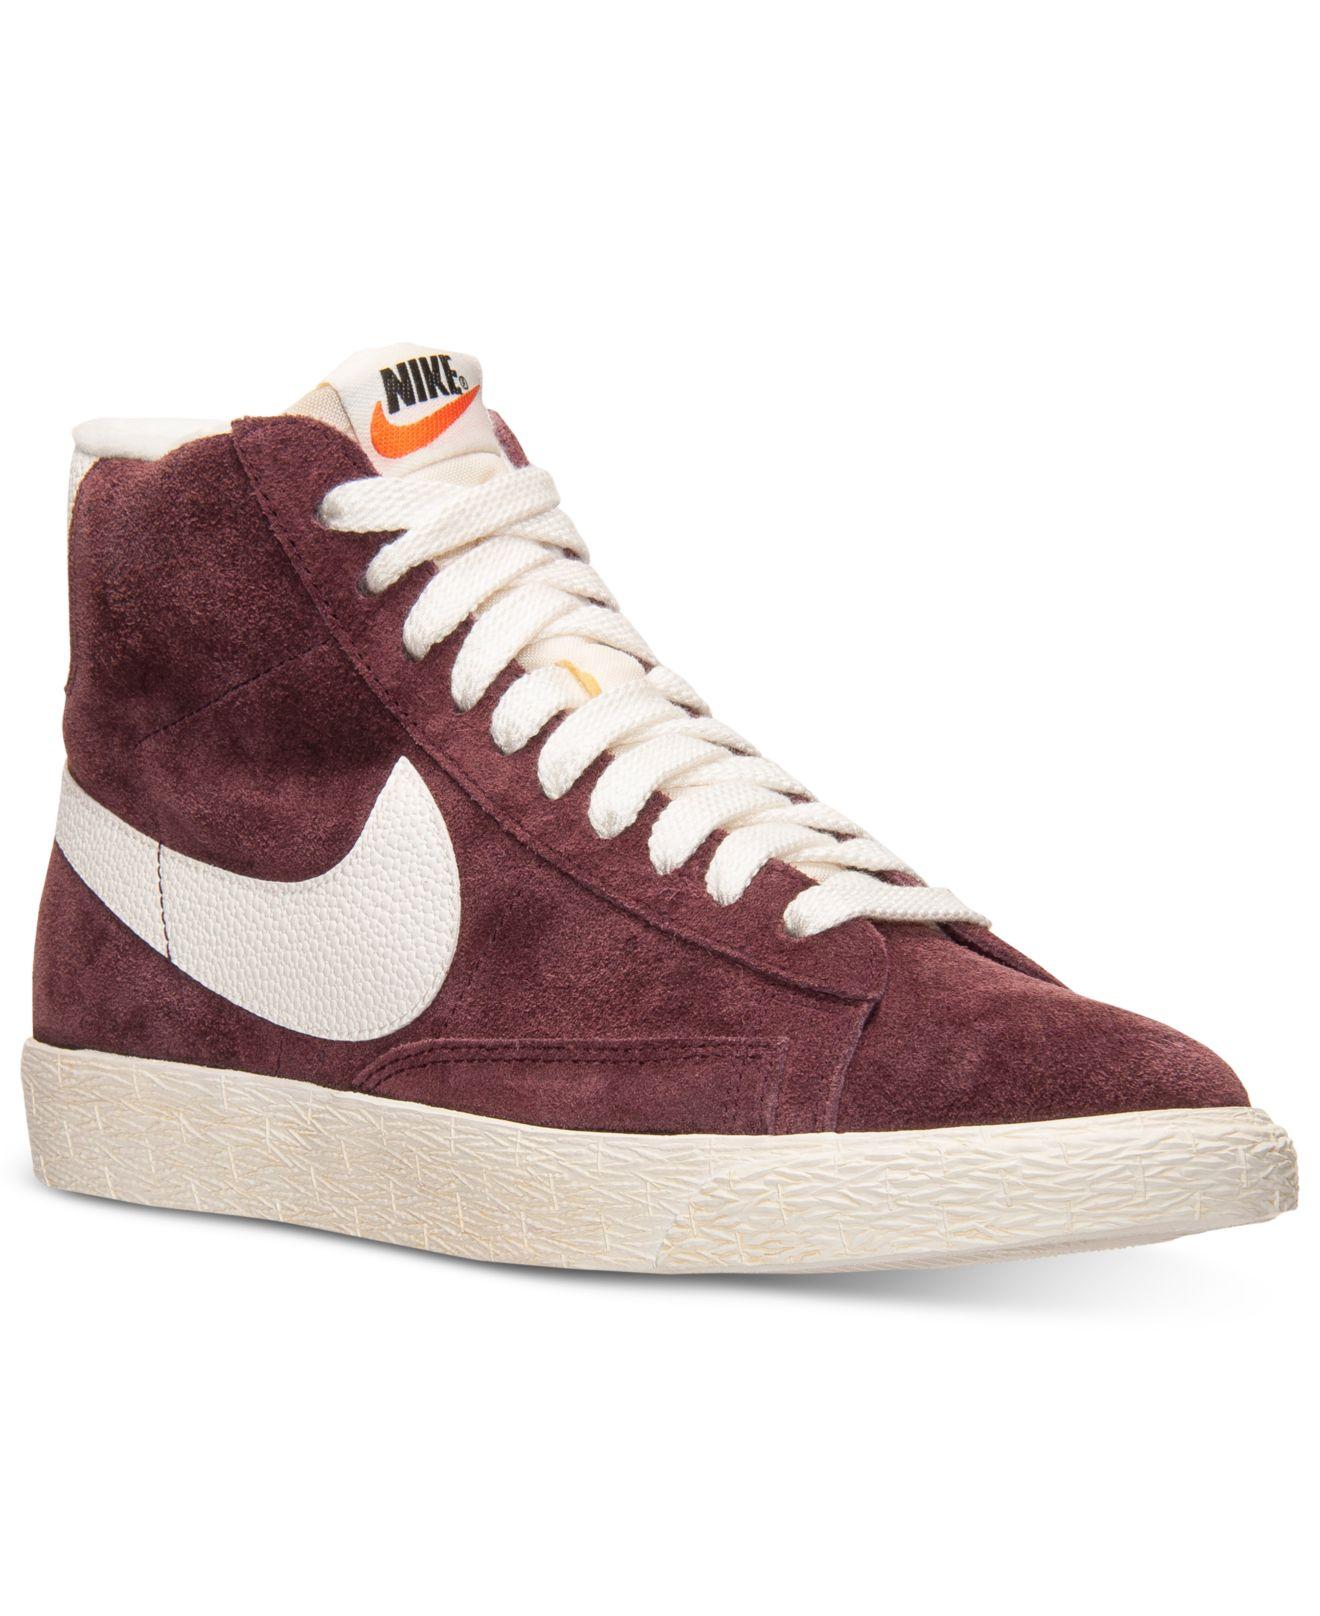 Nike Blazers Élevées Supérieures Pumas Bordeaux